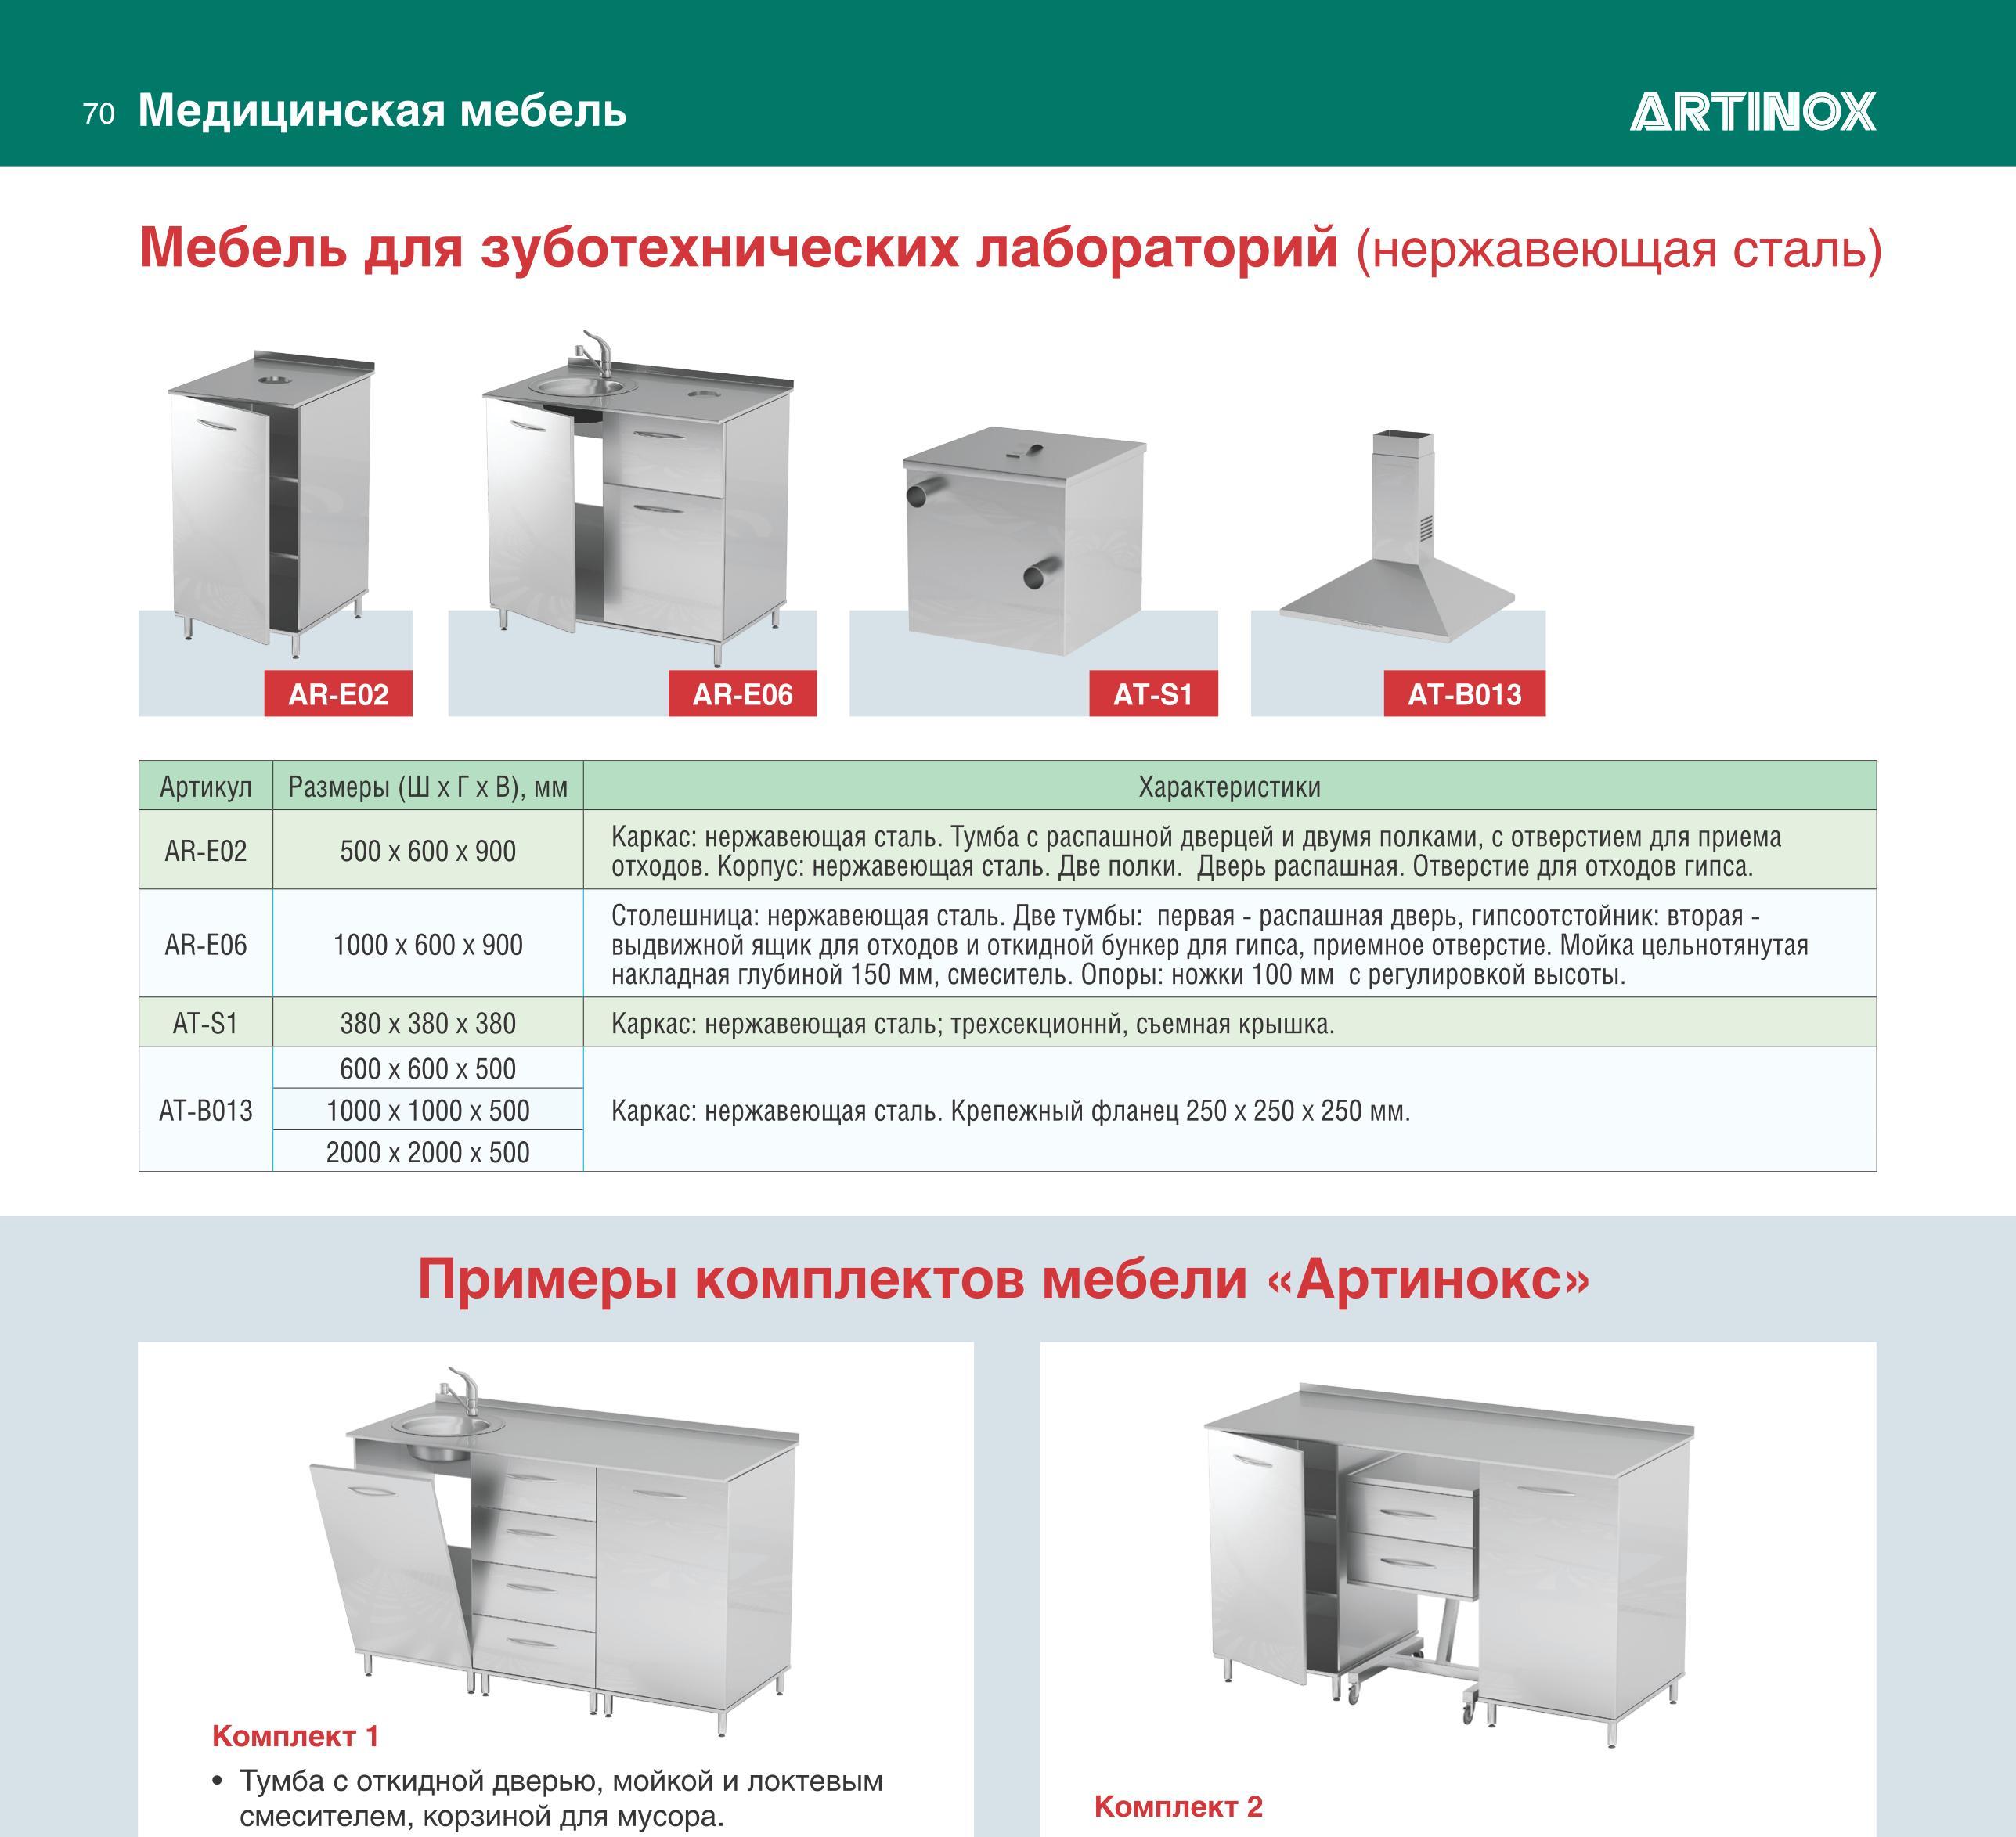 Артинокс каталог ПЕЧАТЬ_01